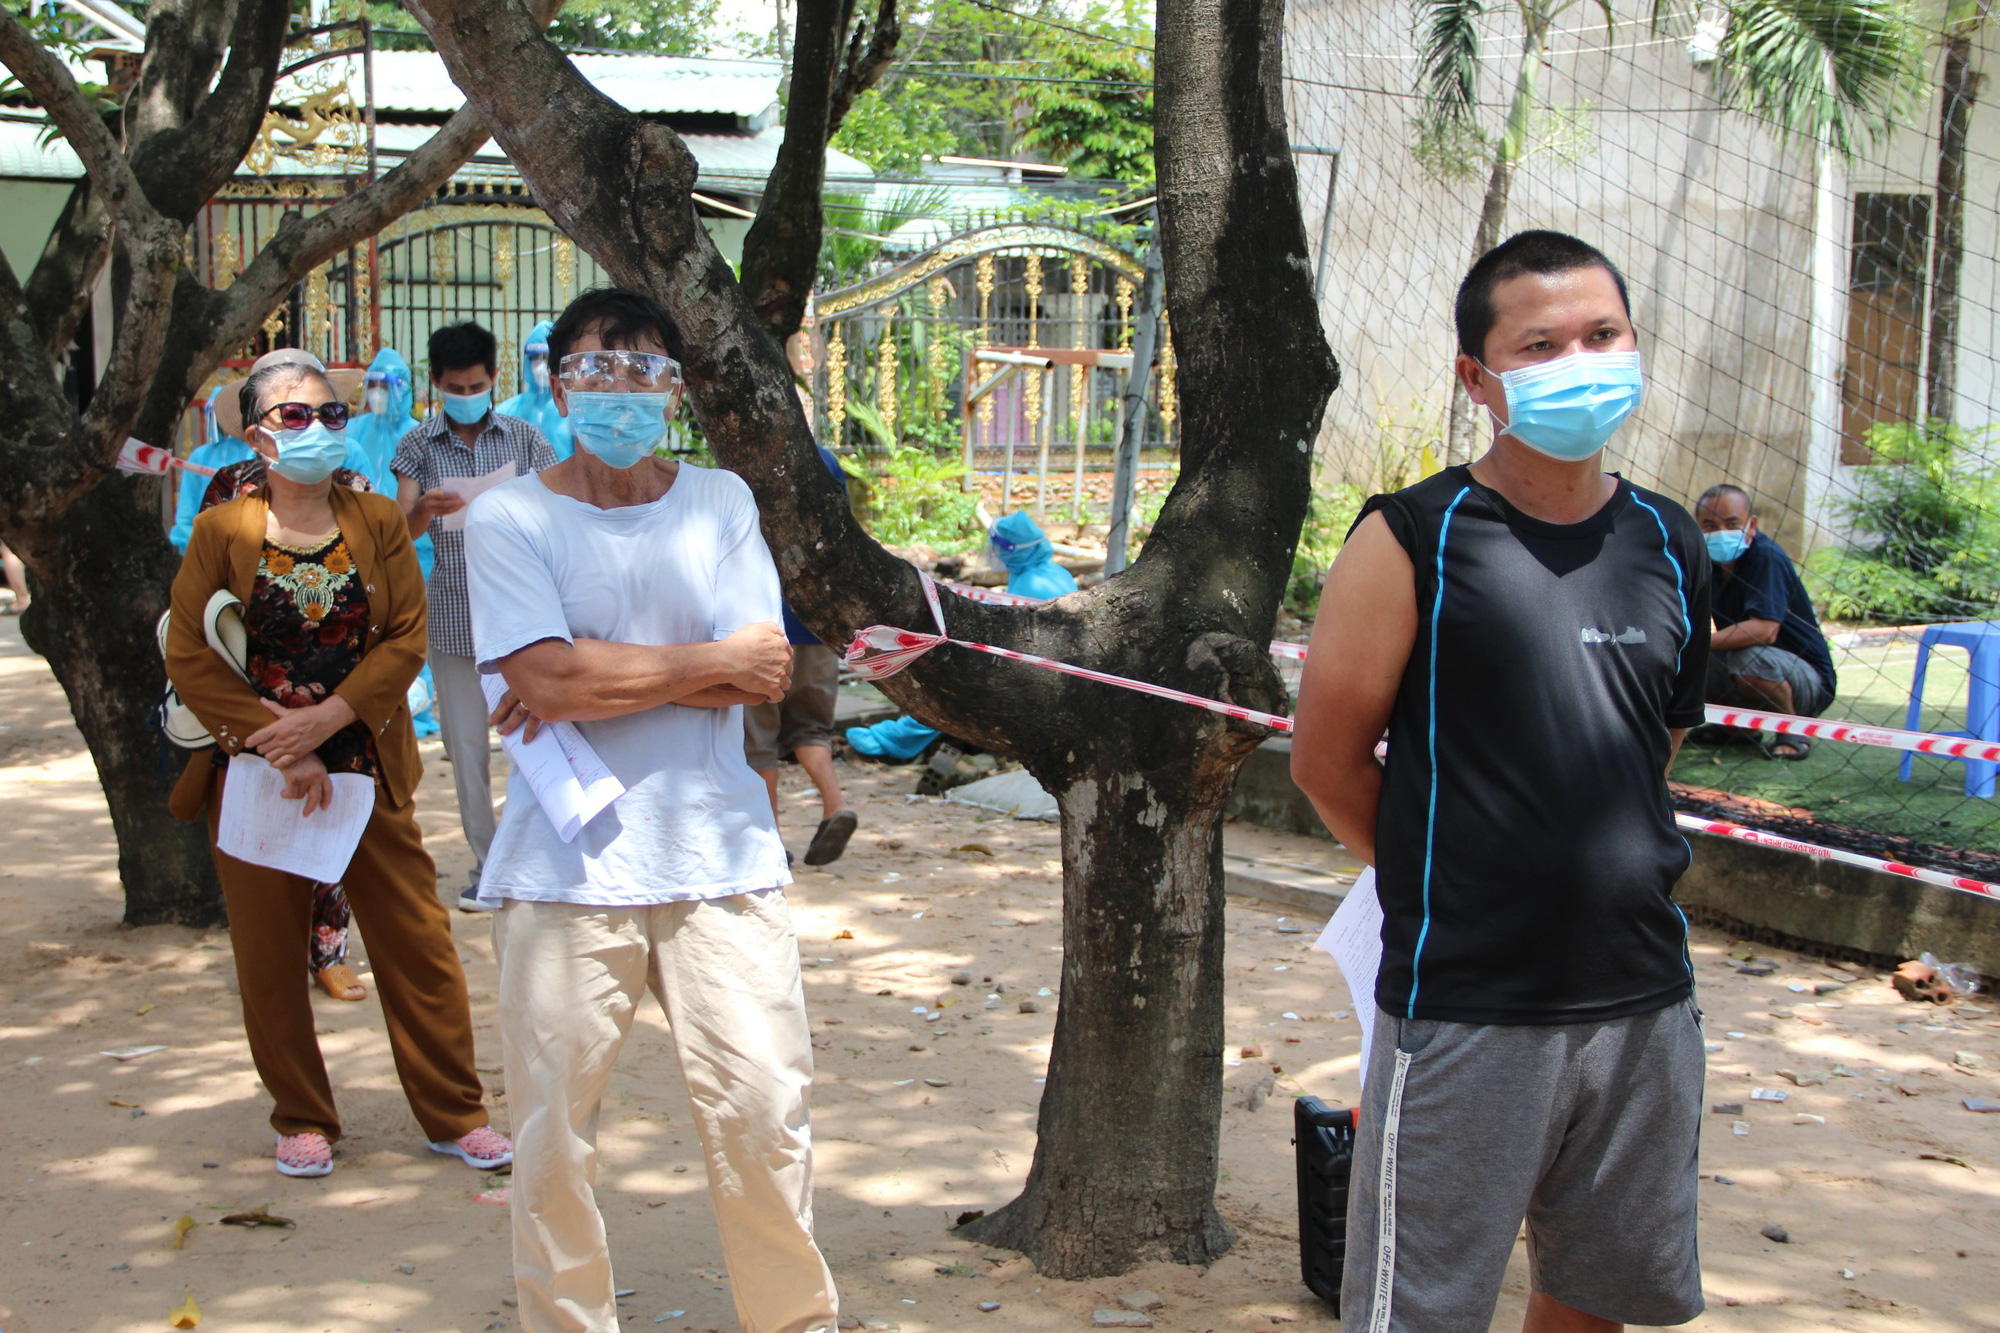 Đội tiêm ngừa vaccine COVID-19 lưu động cho người dân khu vực phong tỏa - Ảnh 3.